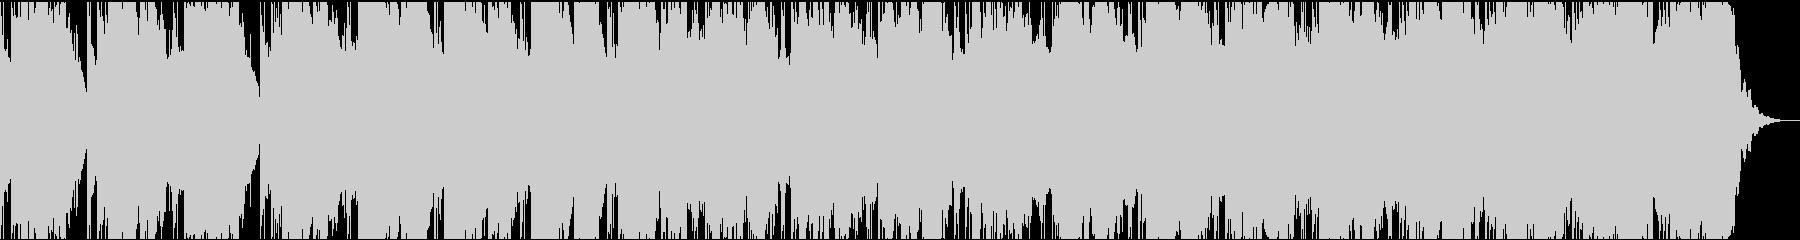 幻想的な笙の音色がする和風曲の未再生の波形